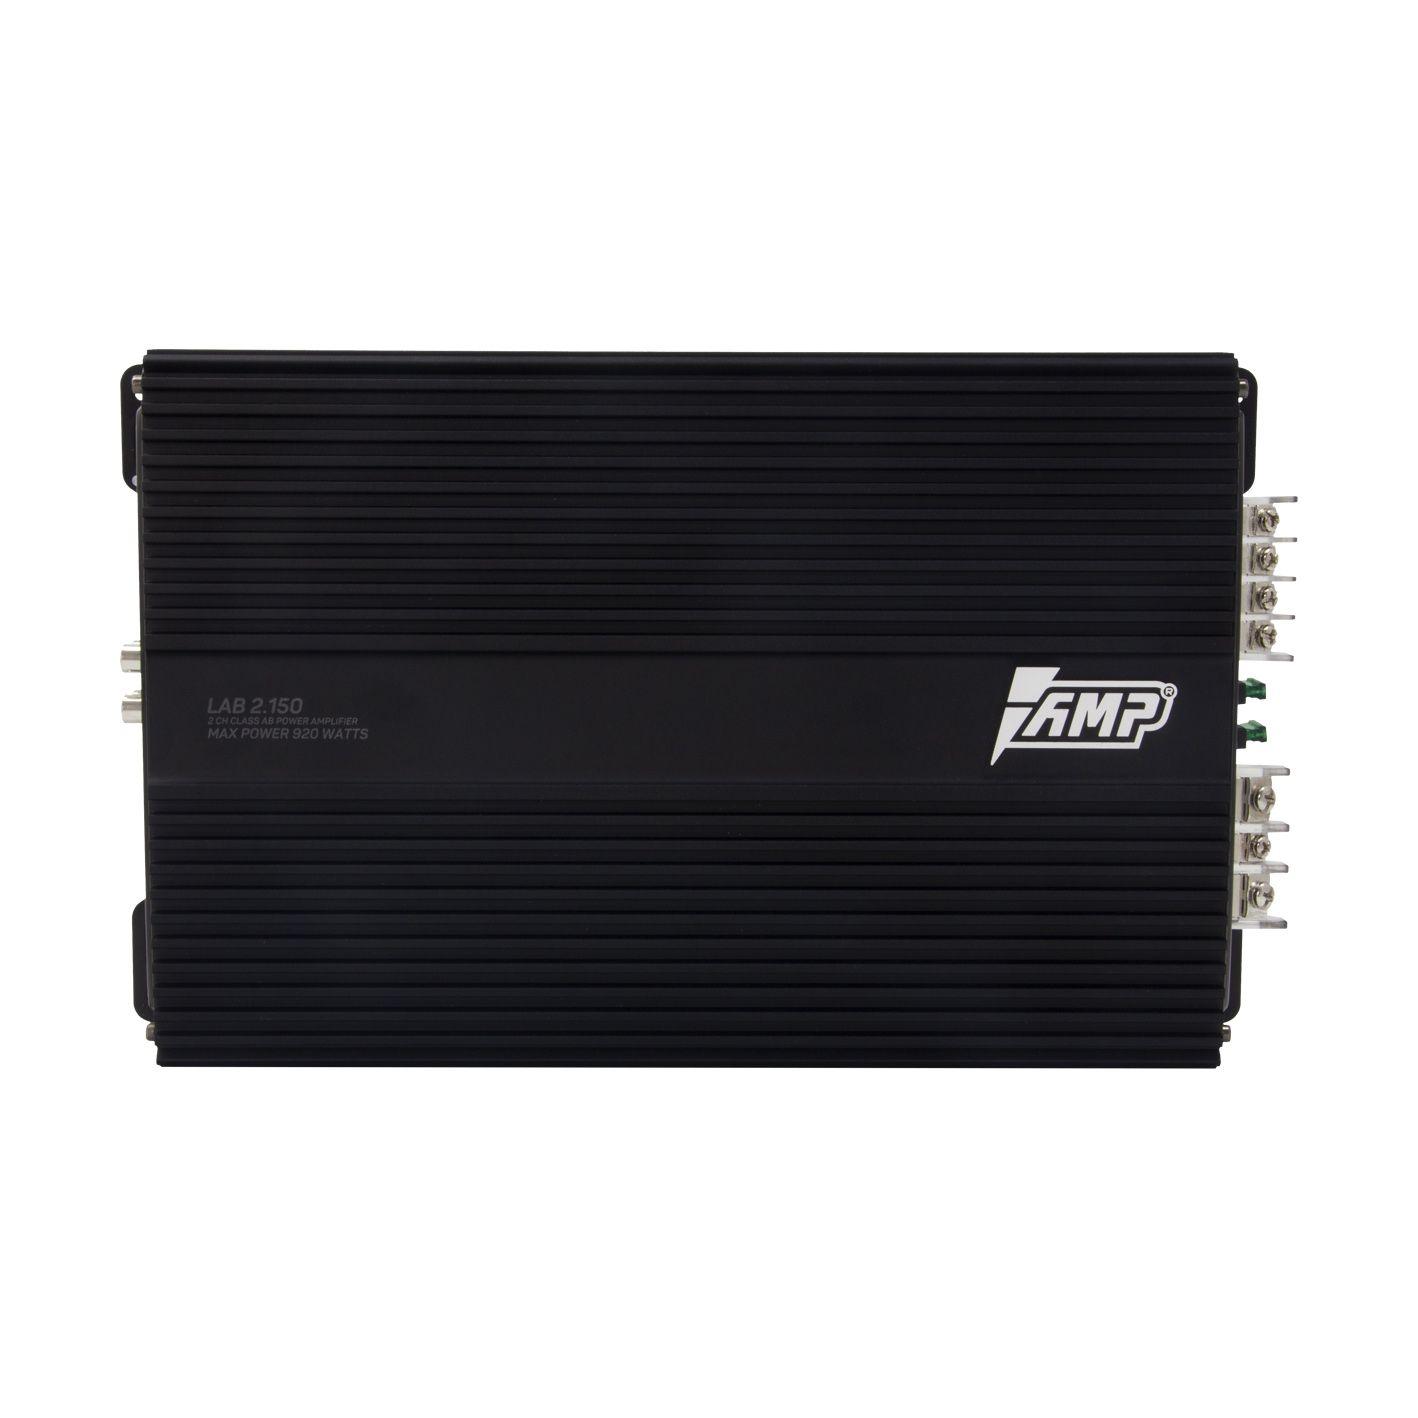 Усилитель AMP LAB 2.150 (2-канальный)